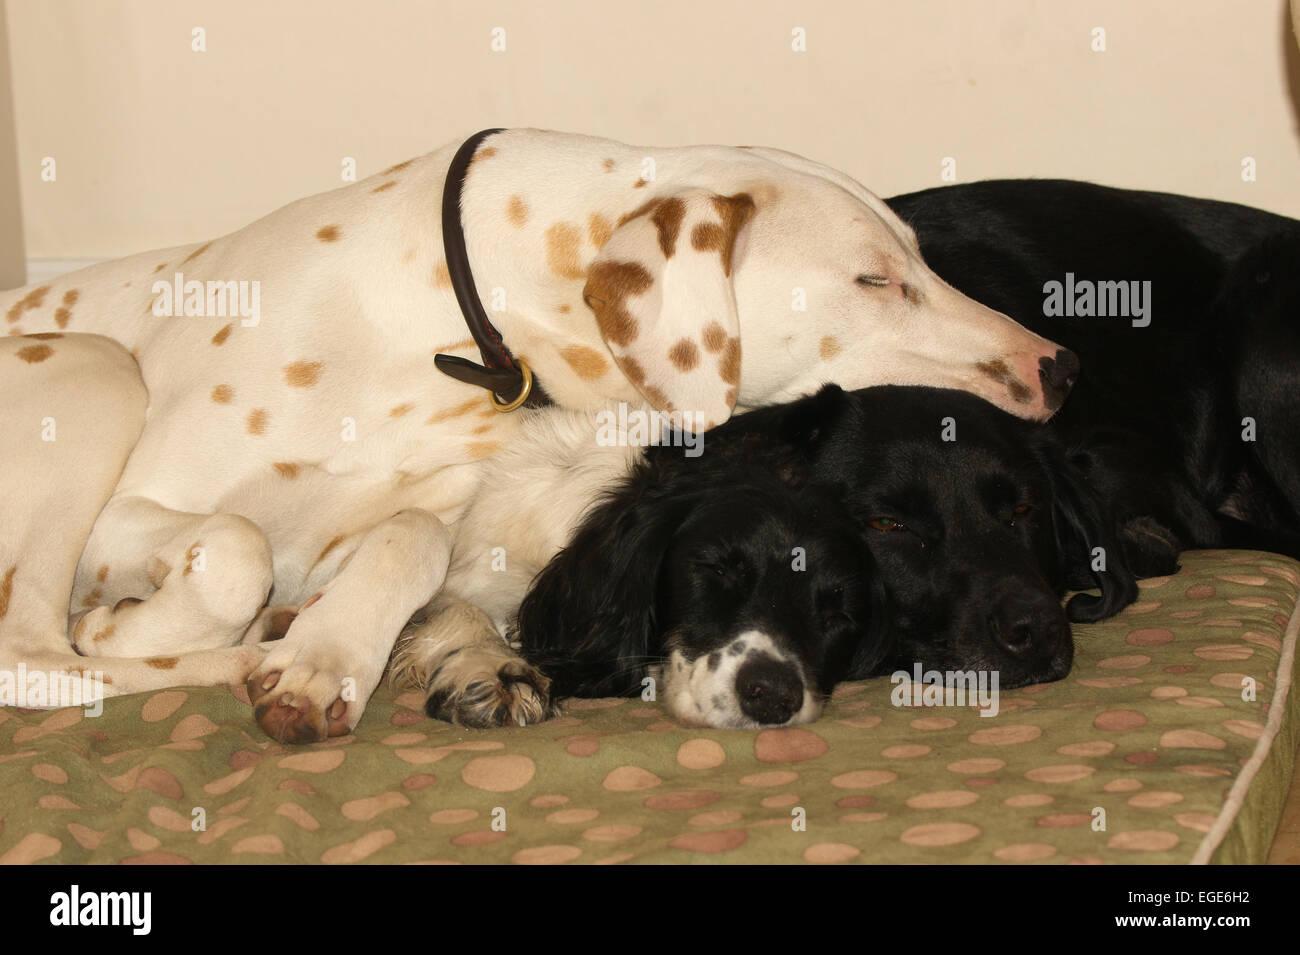 3 dogs sleeping. - Stock Image